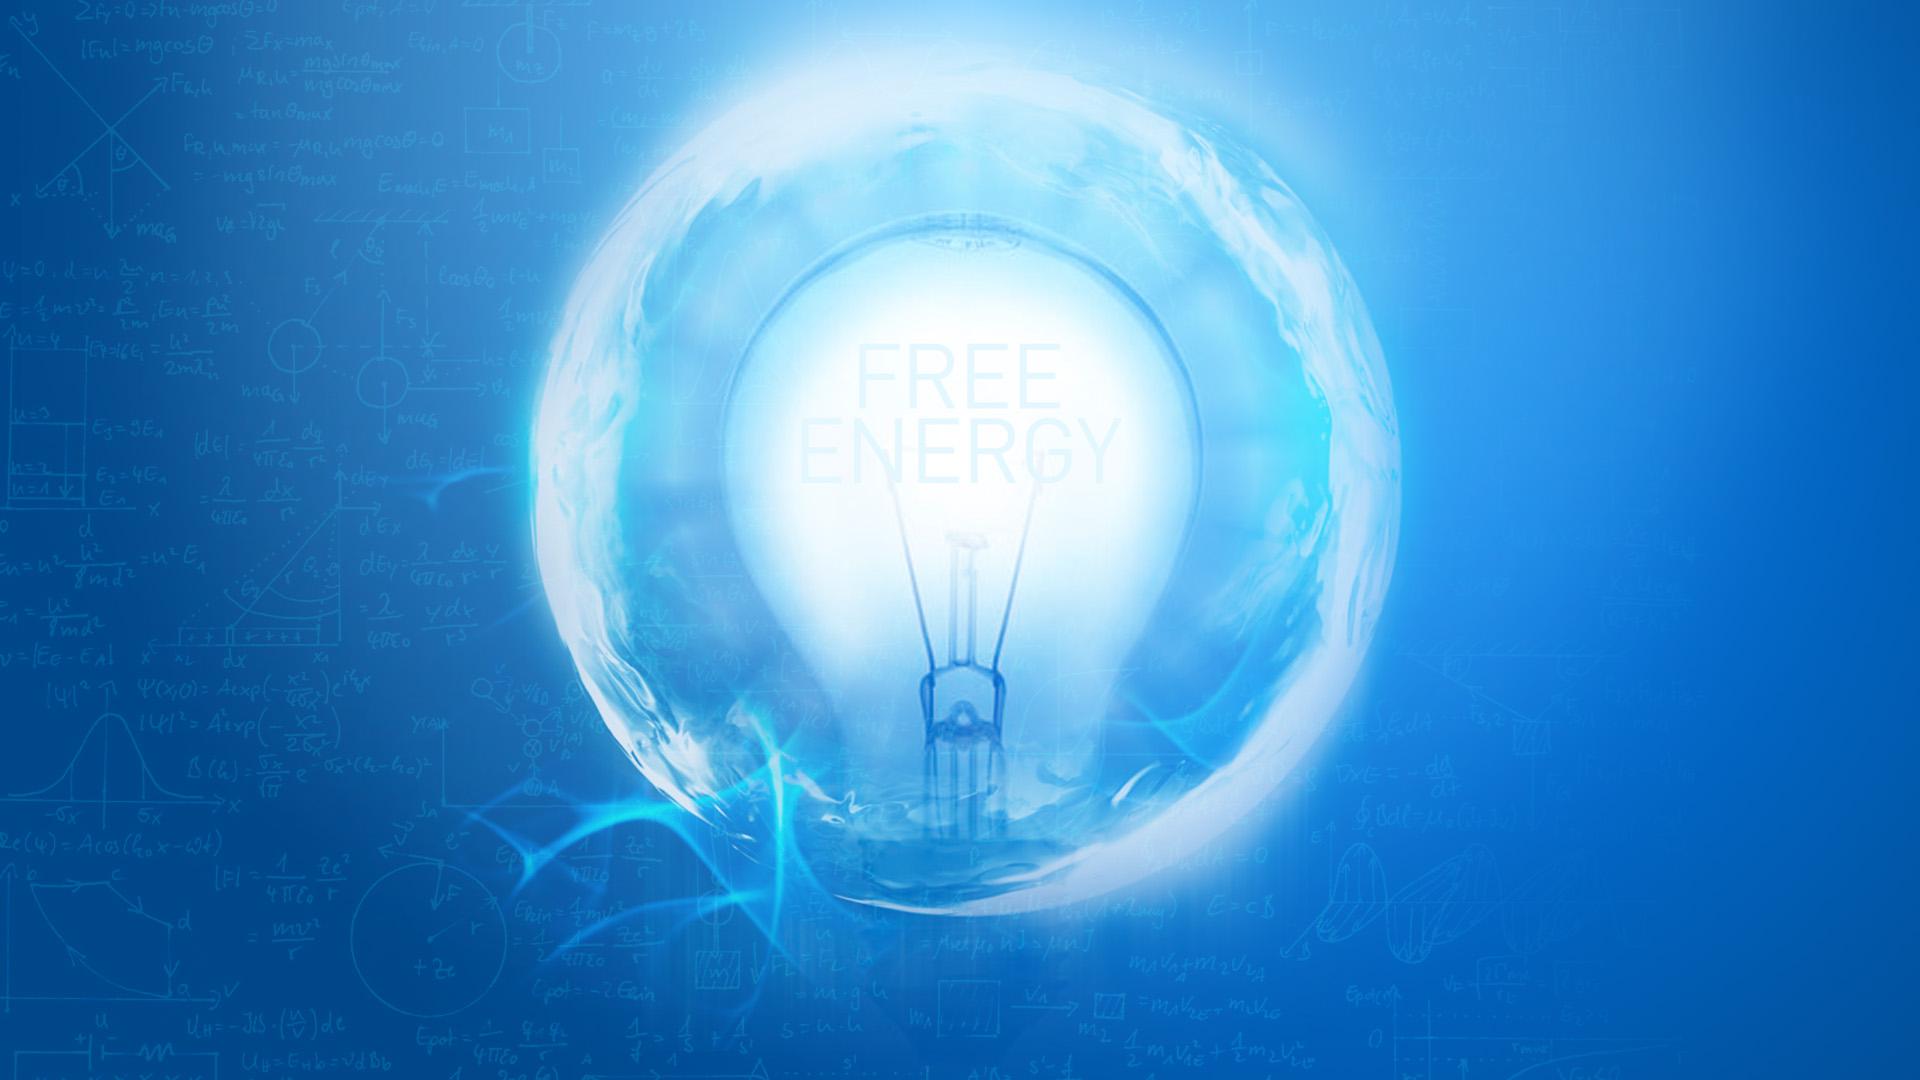 freenergy-5